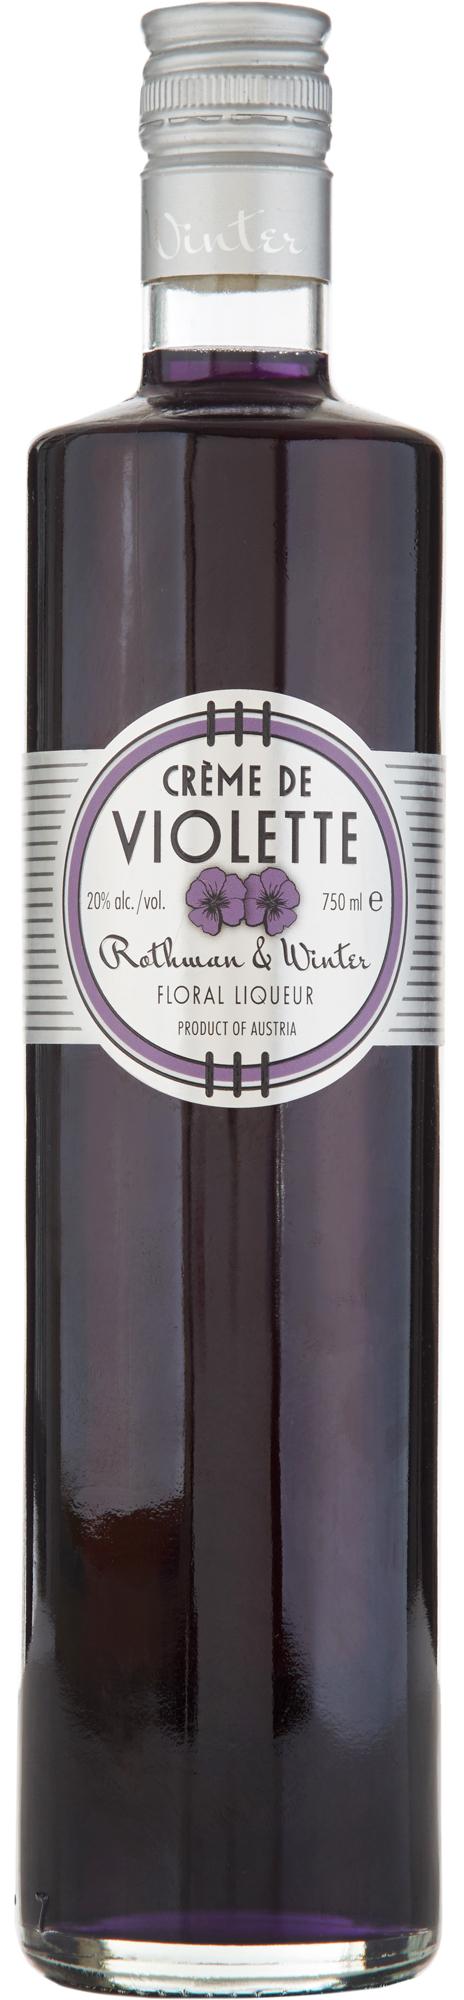 Rothman & Winter Crème de Violette